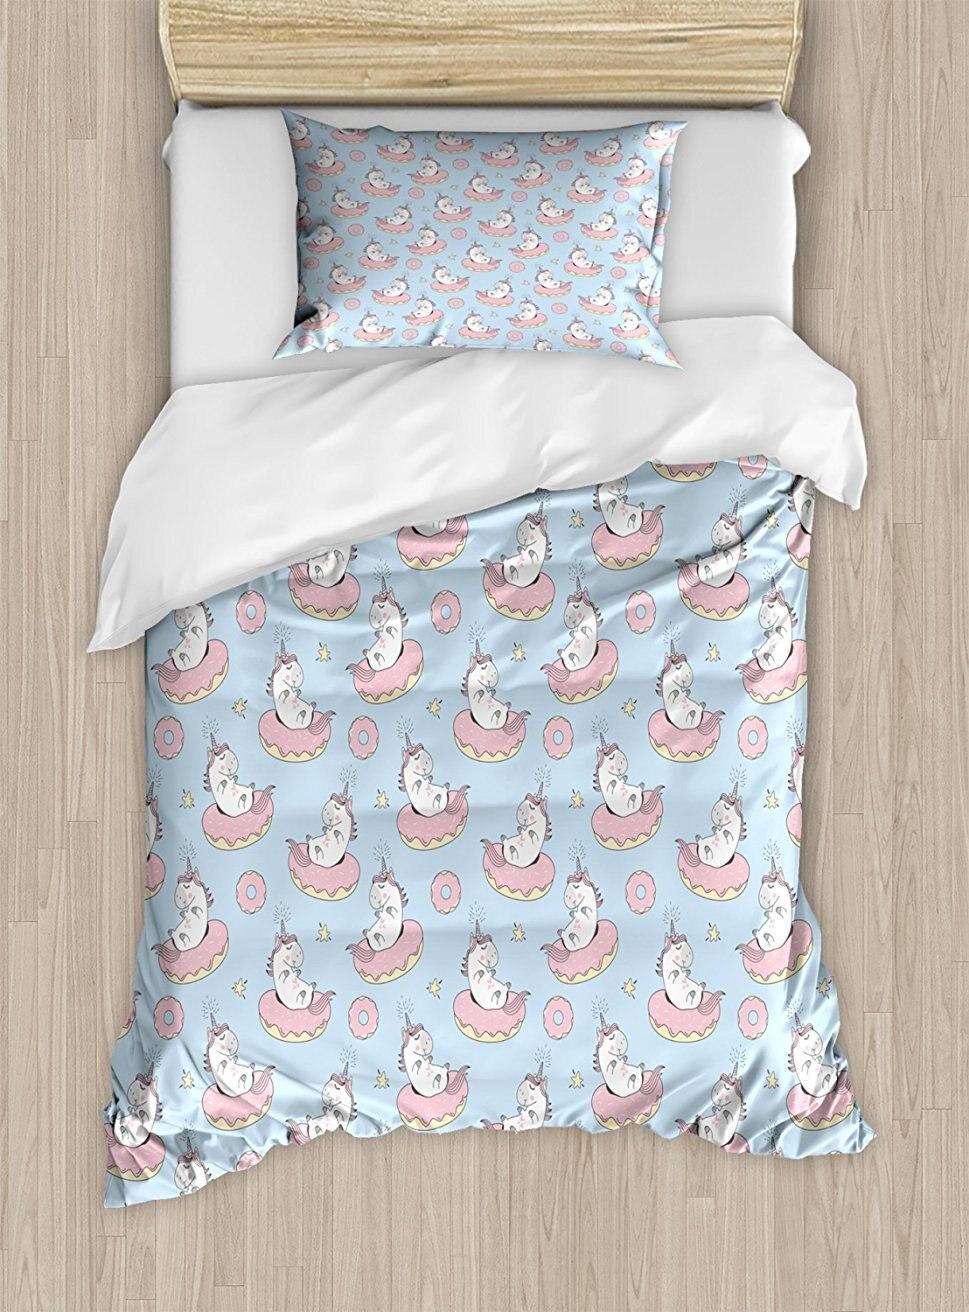 Unicorn Bedroom Set: Unicorn Party Duvet Cover Set, Cartoon Mythical Animals